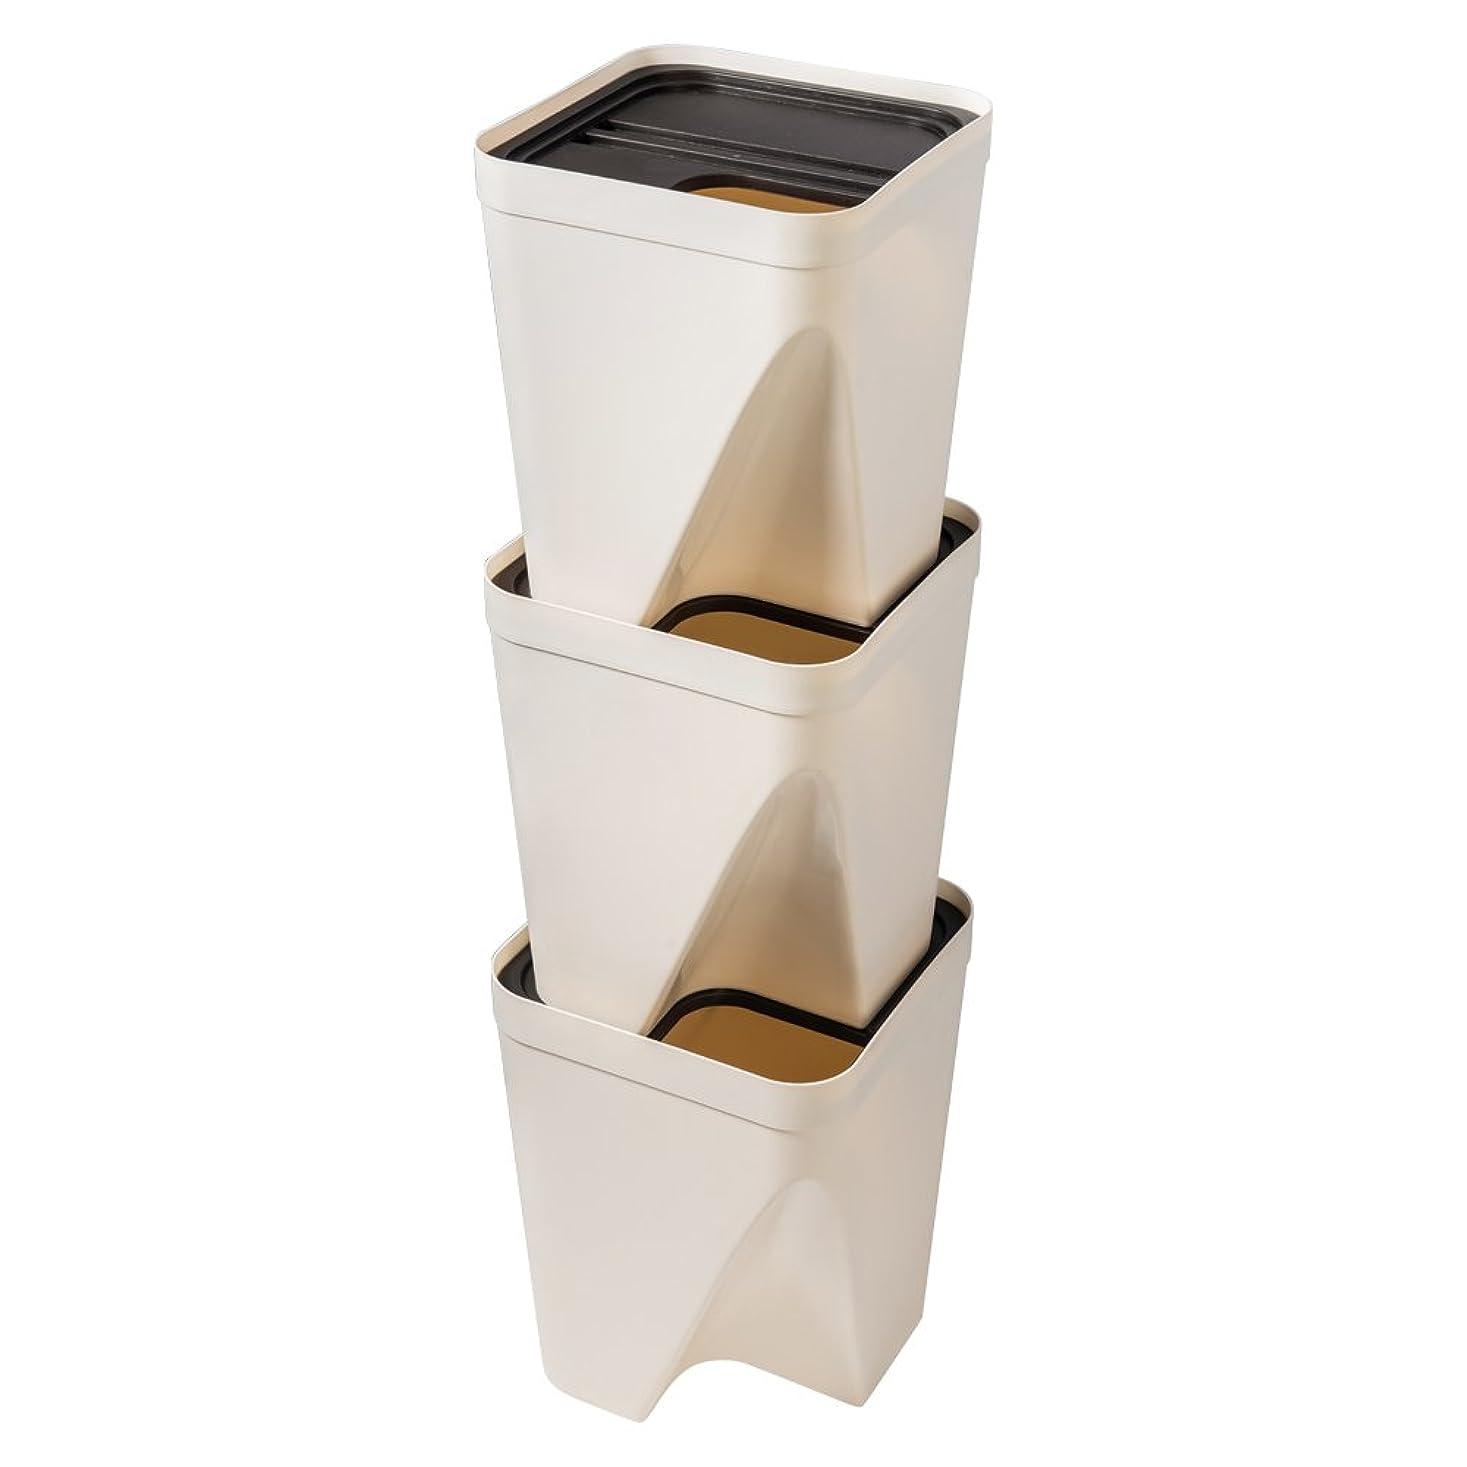 ノーブルナンセンスレモンiOCHOW ゴミ箱 25x25x30cm 3段縦置き 分別タイプ 省スペース ユニークなファッションデザイン 美しく実用的